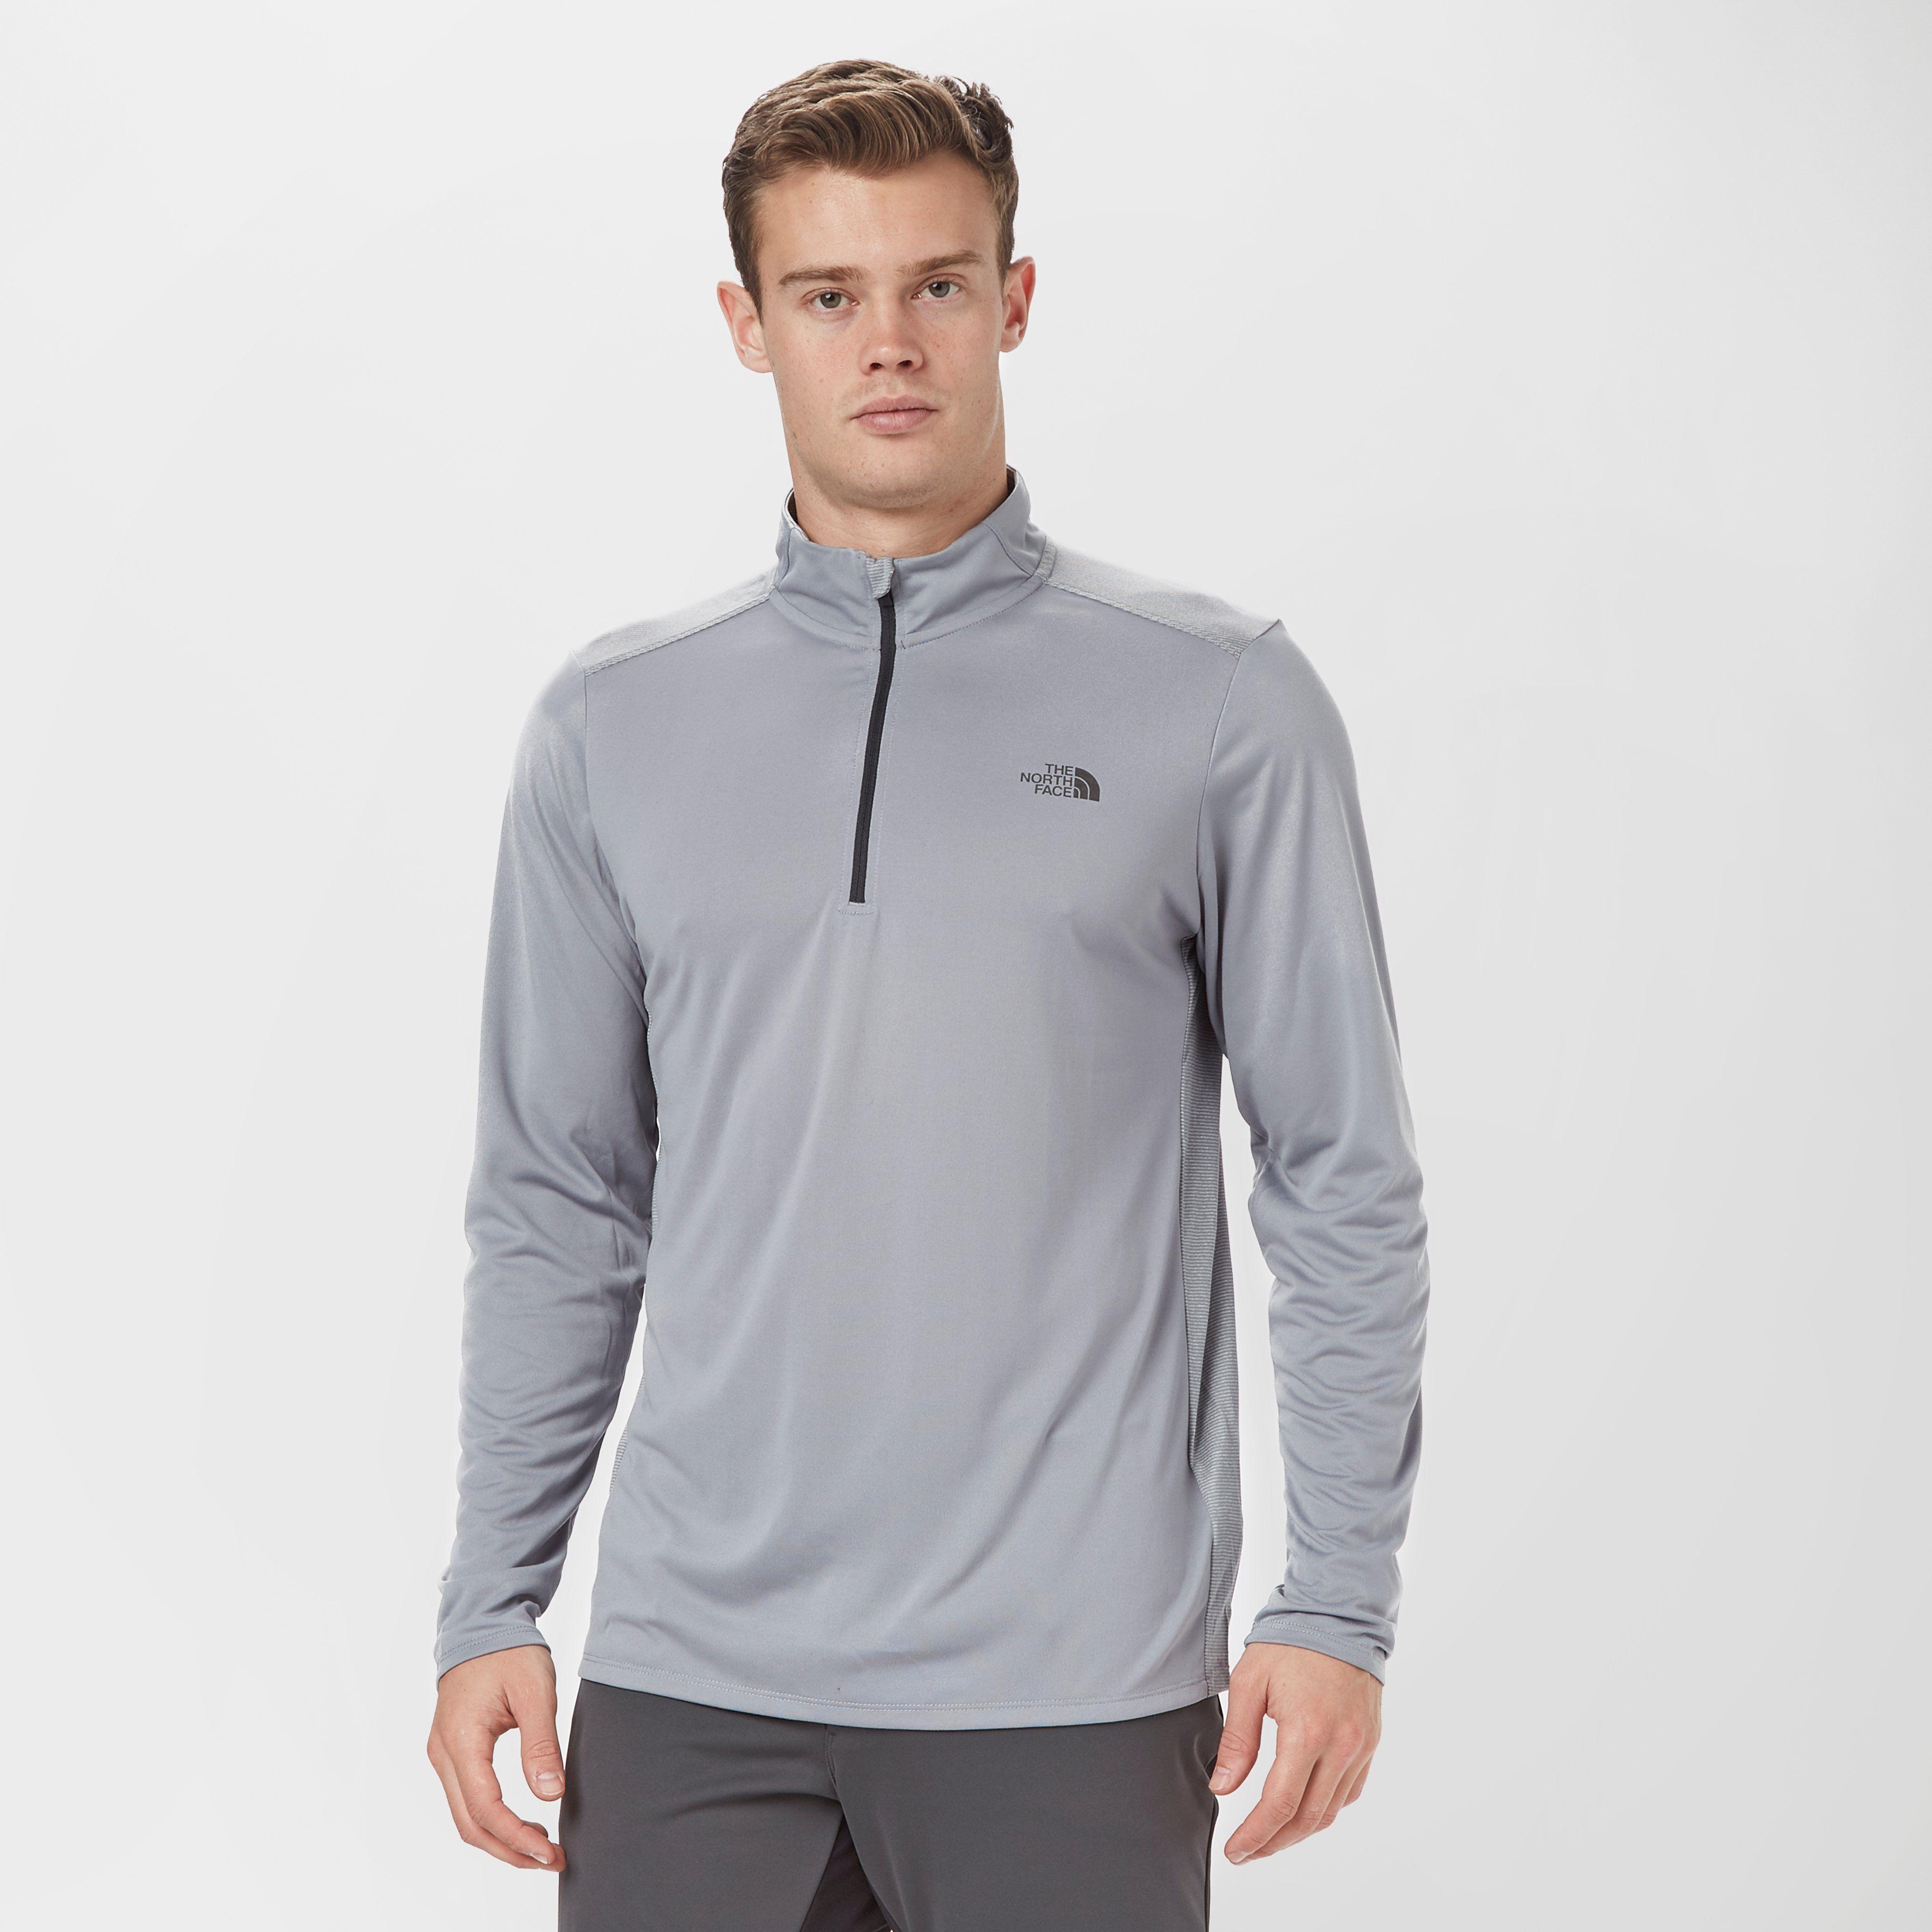 THE NORTH FACE Men's Mountain Athletics Versitas Quarter-Zip Fleece